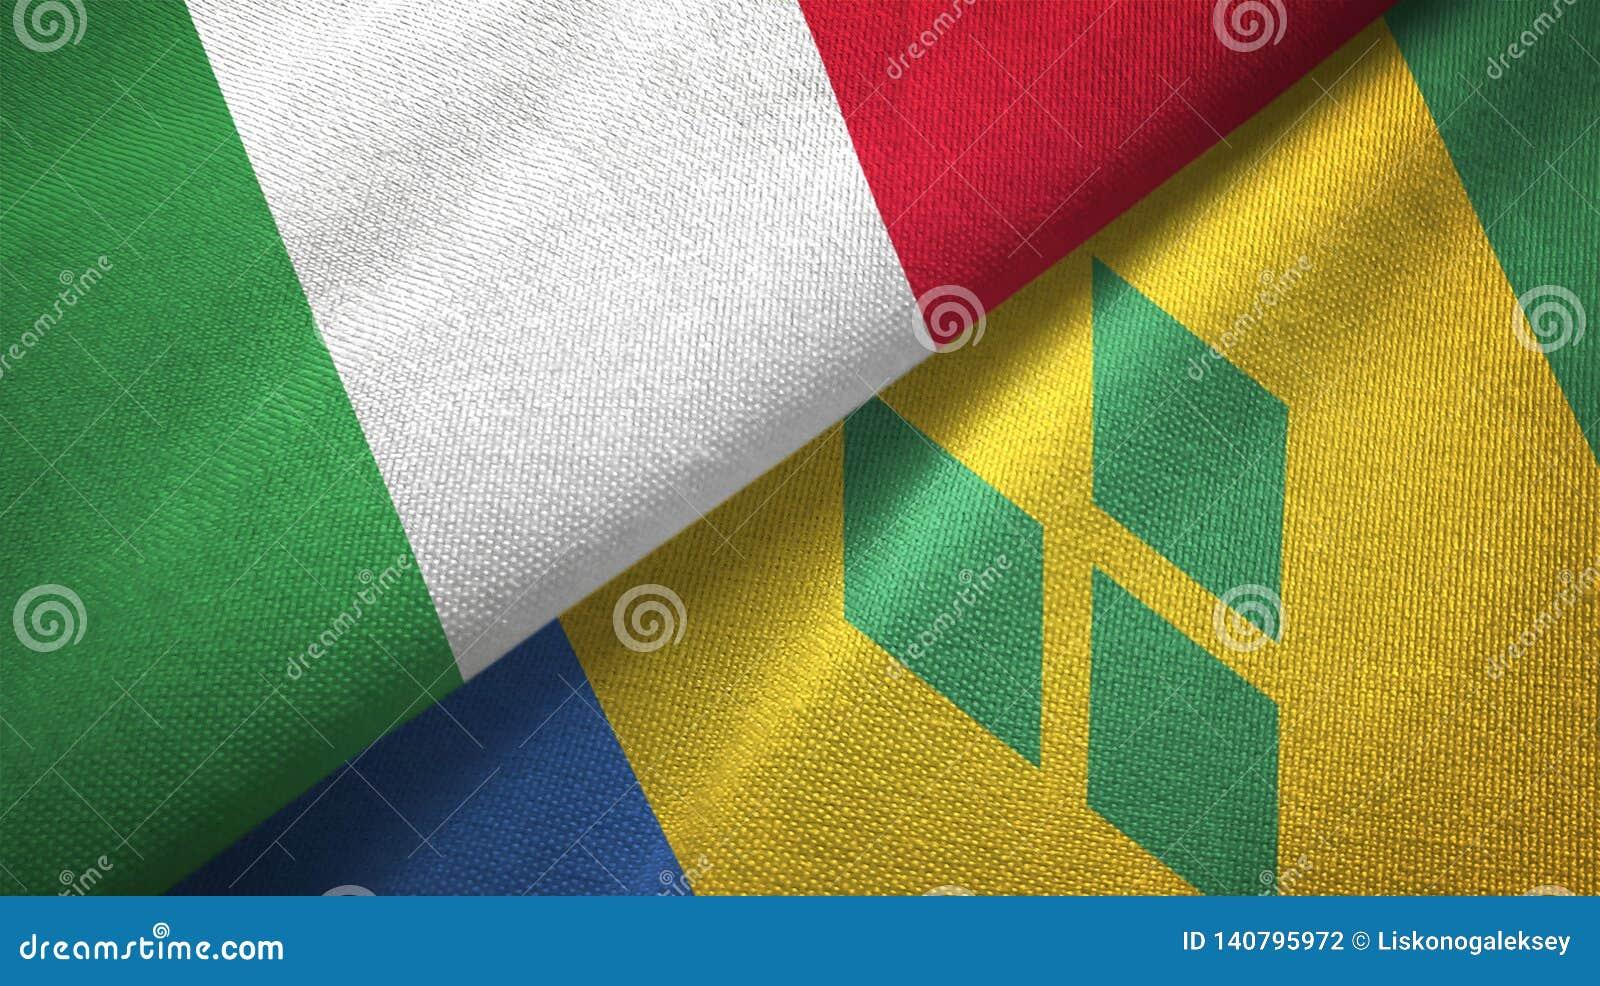 Ιταλία και Άγιος Βικέντιος και Γρεναδίνες δύο υφαντικό ύφασμα σημαιών